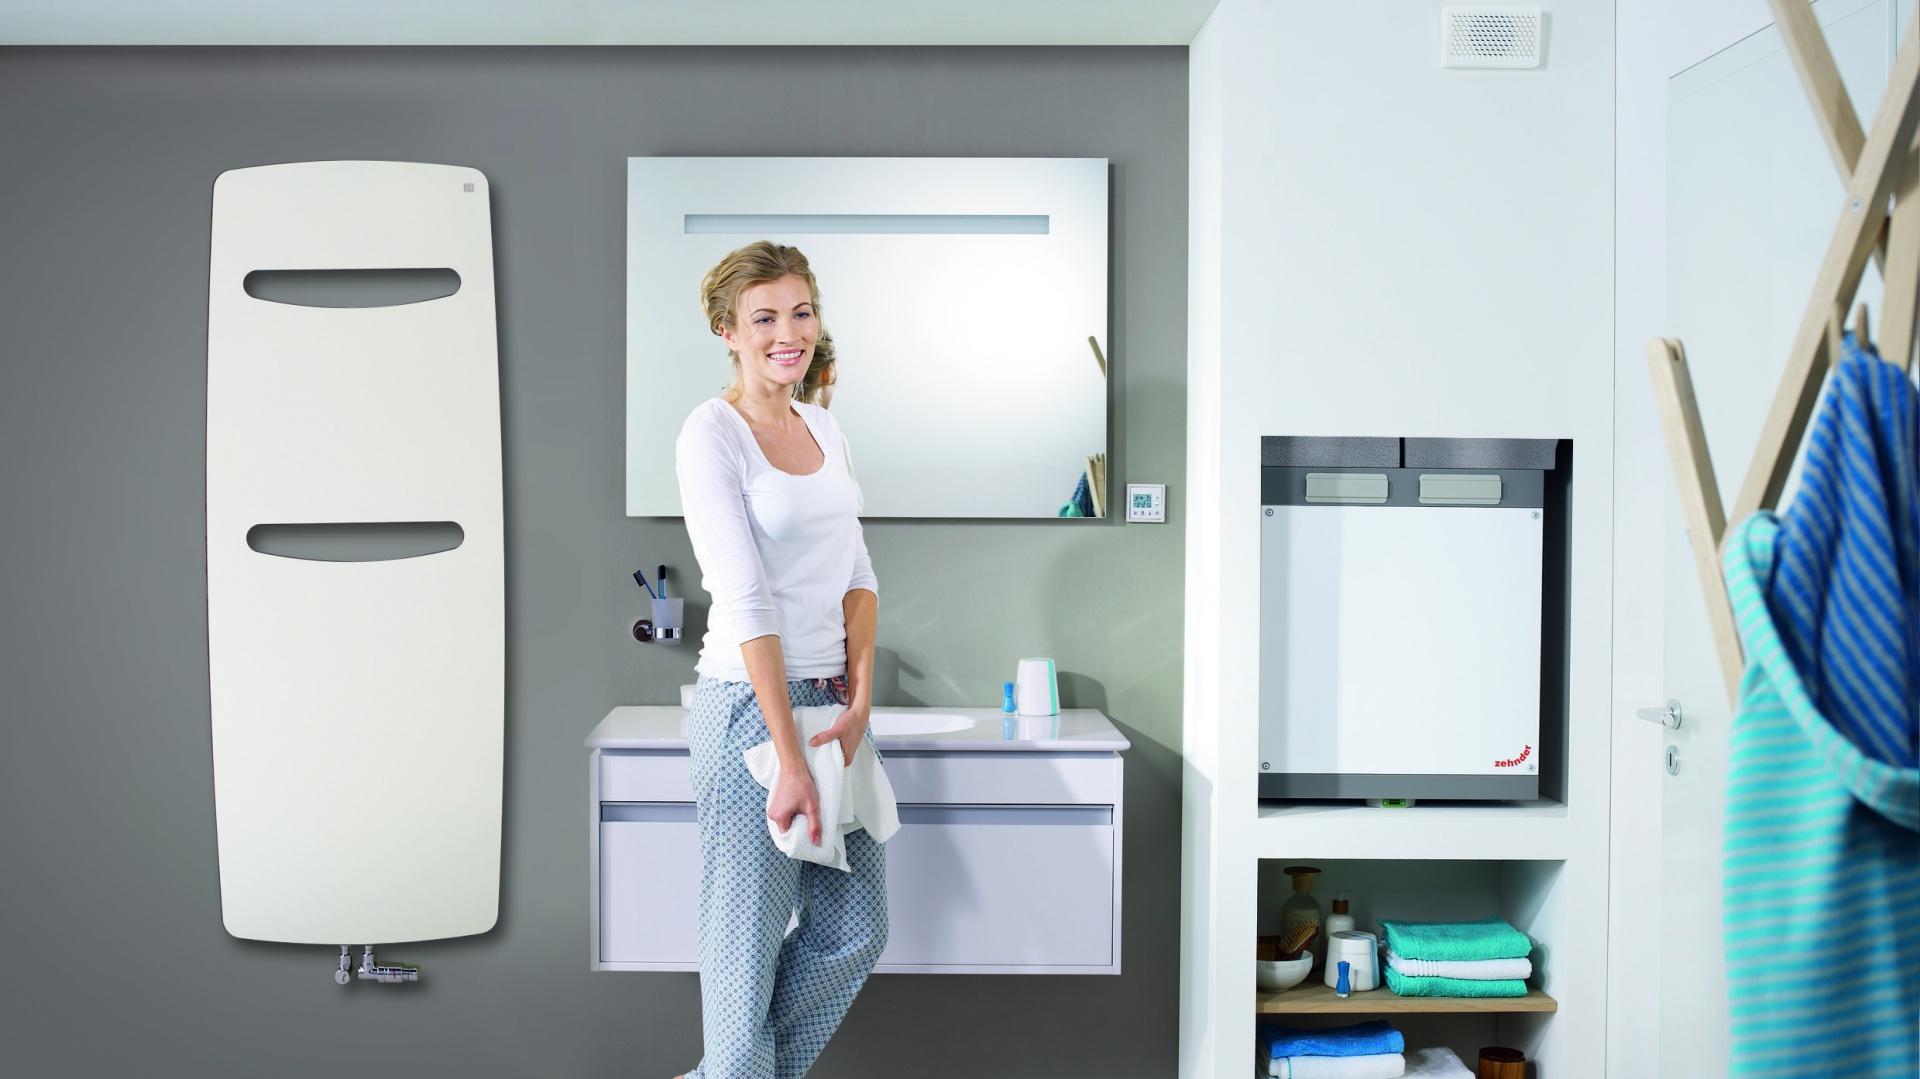 Grzejnik VITALO SPA inspirowany jest naturą. Jego organiczny kształt zapewni estetyczny wygląd łazienki, a innowacyjna technika energetyczna idealnie ogrzeje wnętrze. Od 3.458 zł. Fot. Zehnder